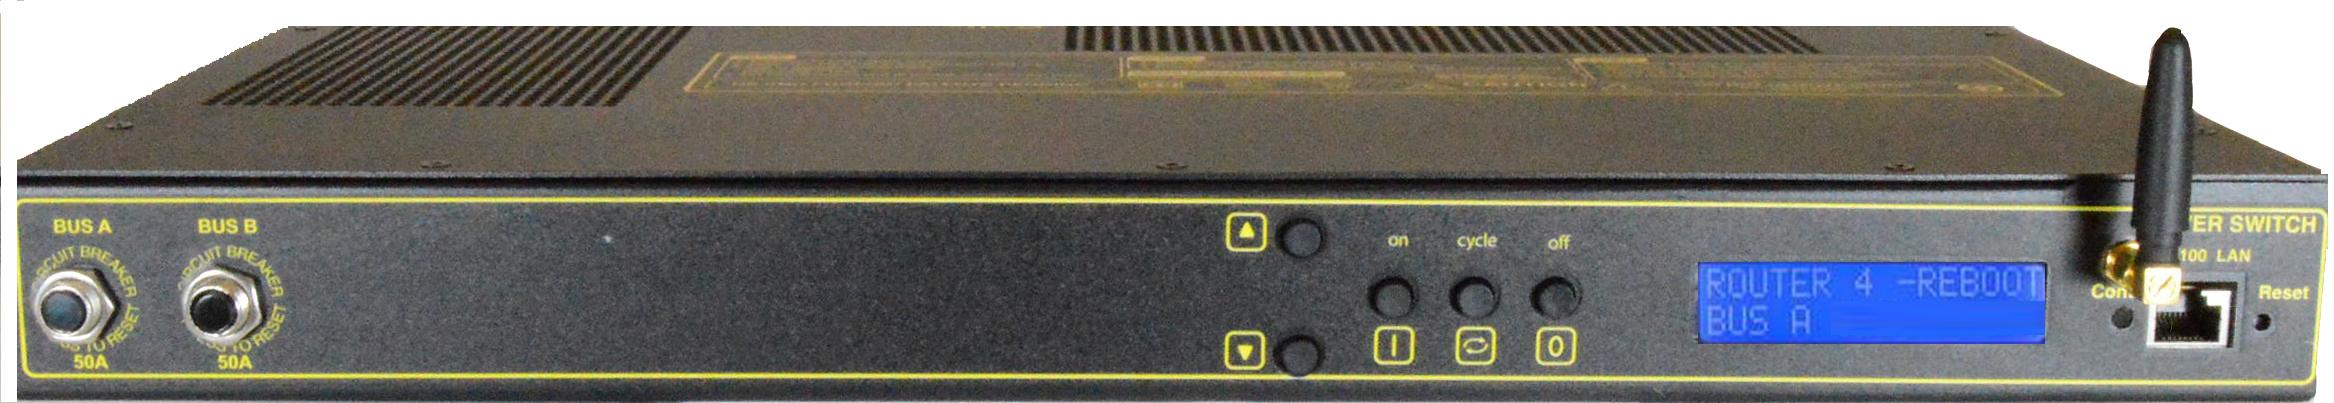 DC32 Image